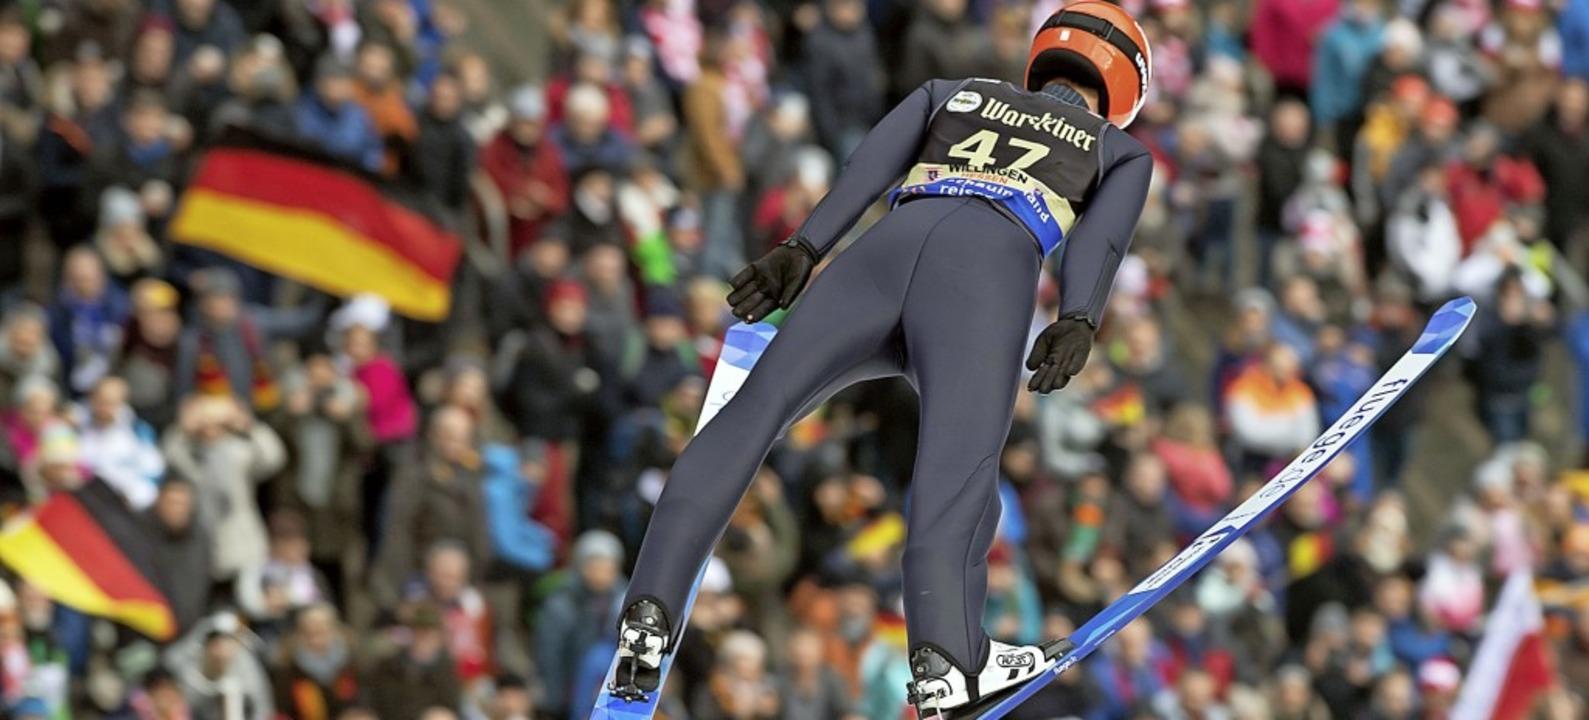 Der Flug ins Glück: Stephan Leyhe bei seinem Heimsieg in Willingen   | Foto: Swen Pförtner (dpa)